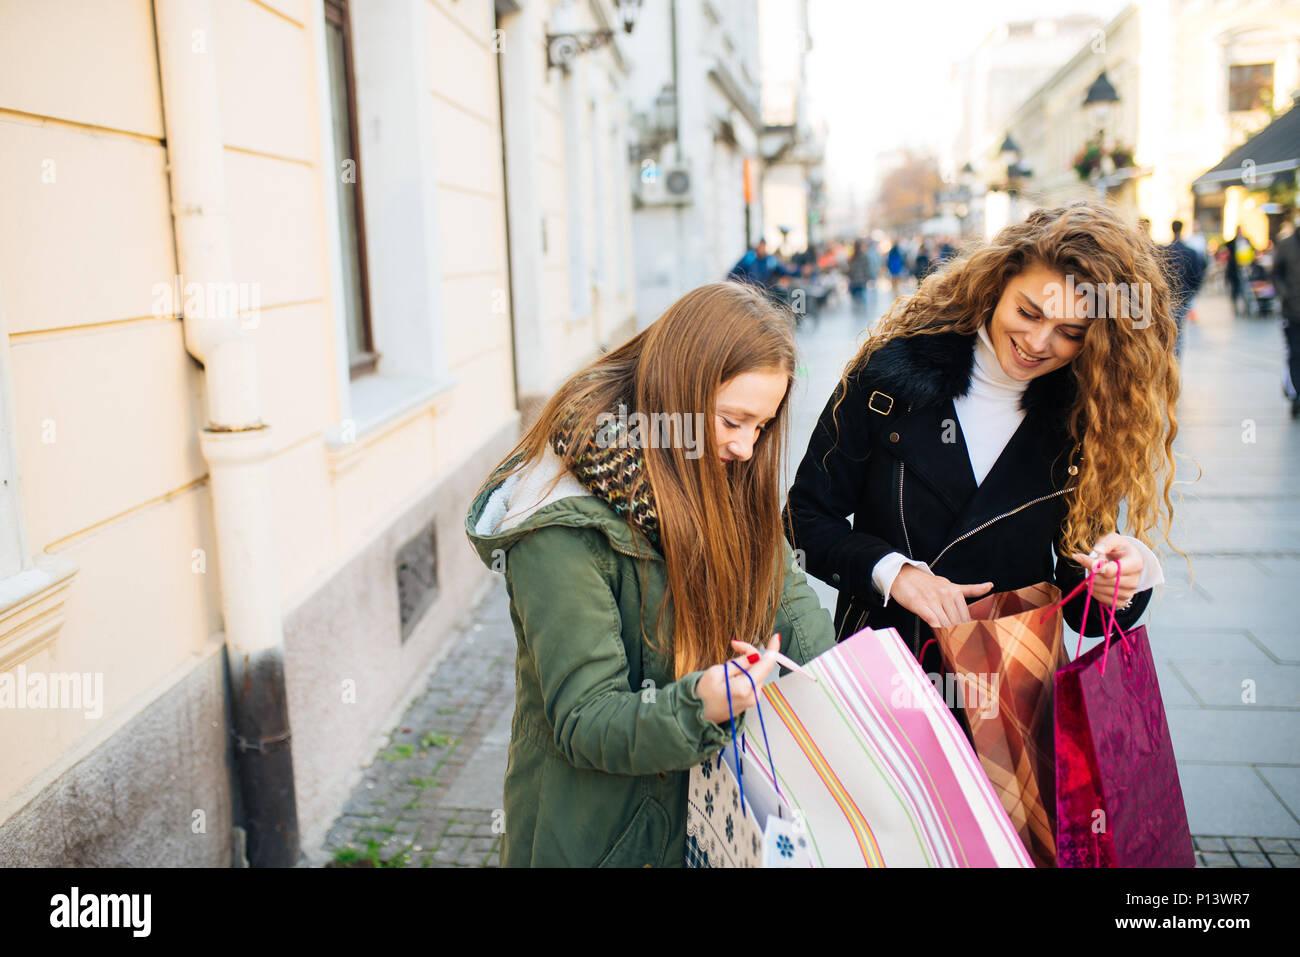 Deux jeunes femmes est satisfait de shopping et marche dans la rue Photo Stock